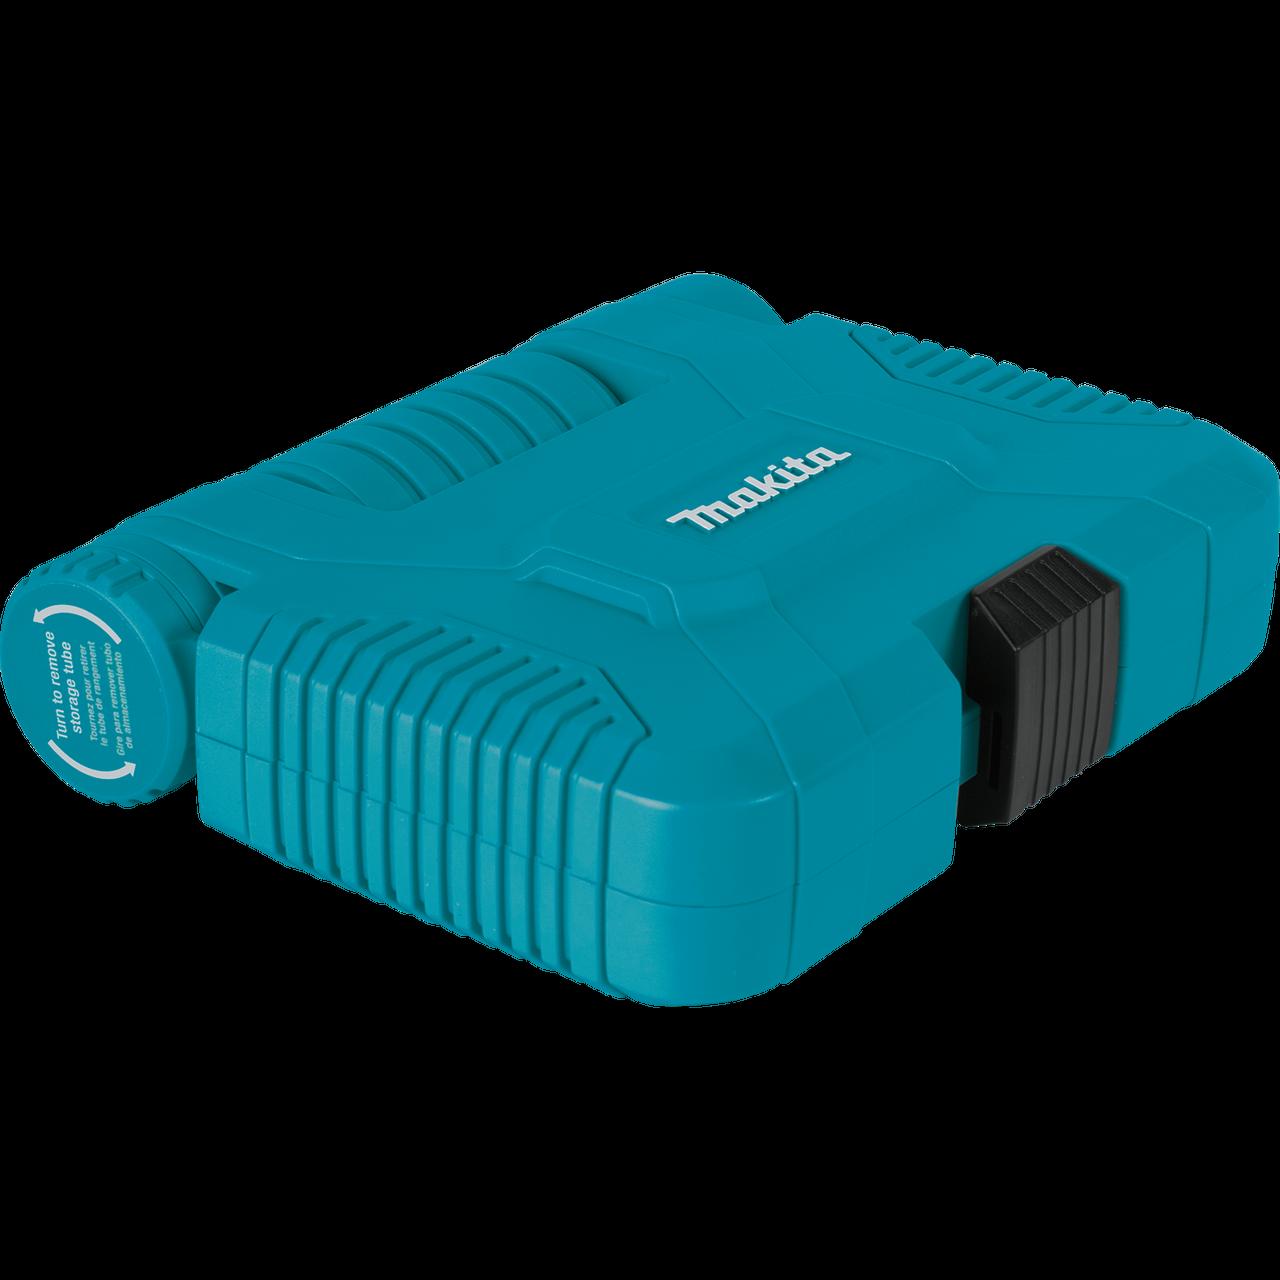 Makita A-98326  35 Pc. ImpactX Driver Bit Set